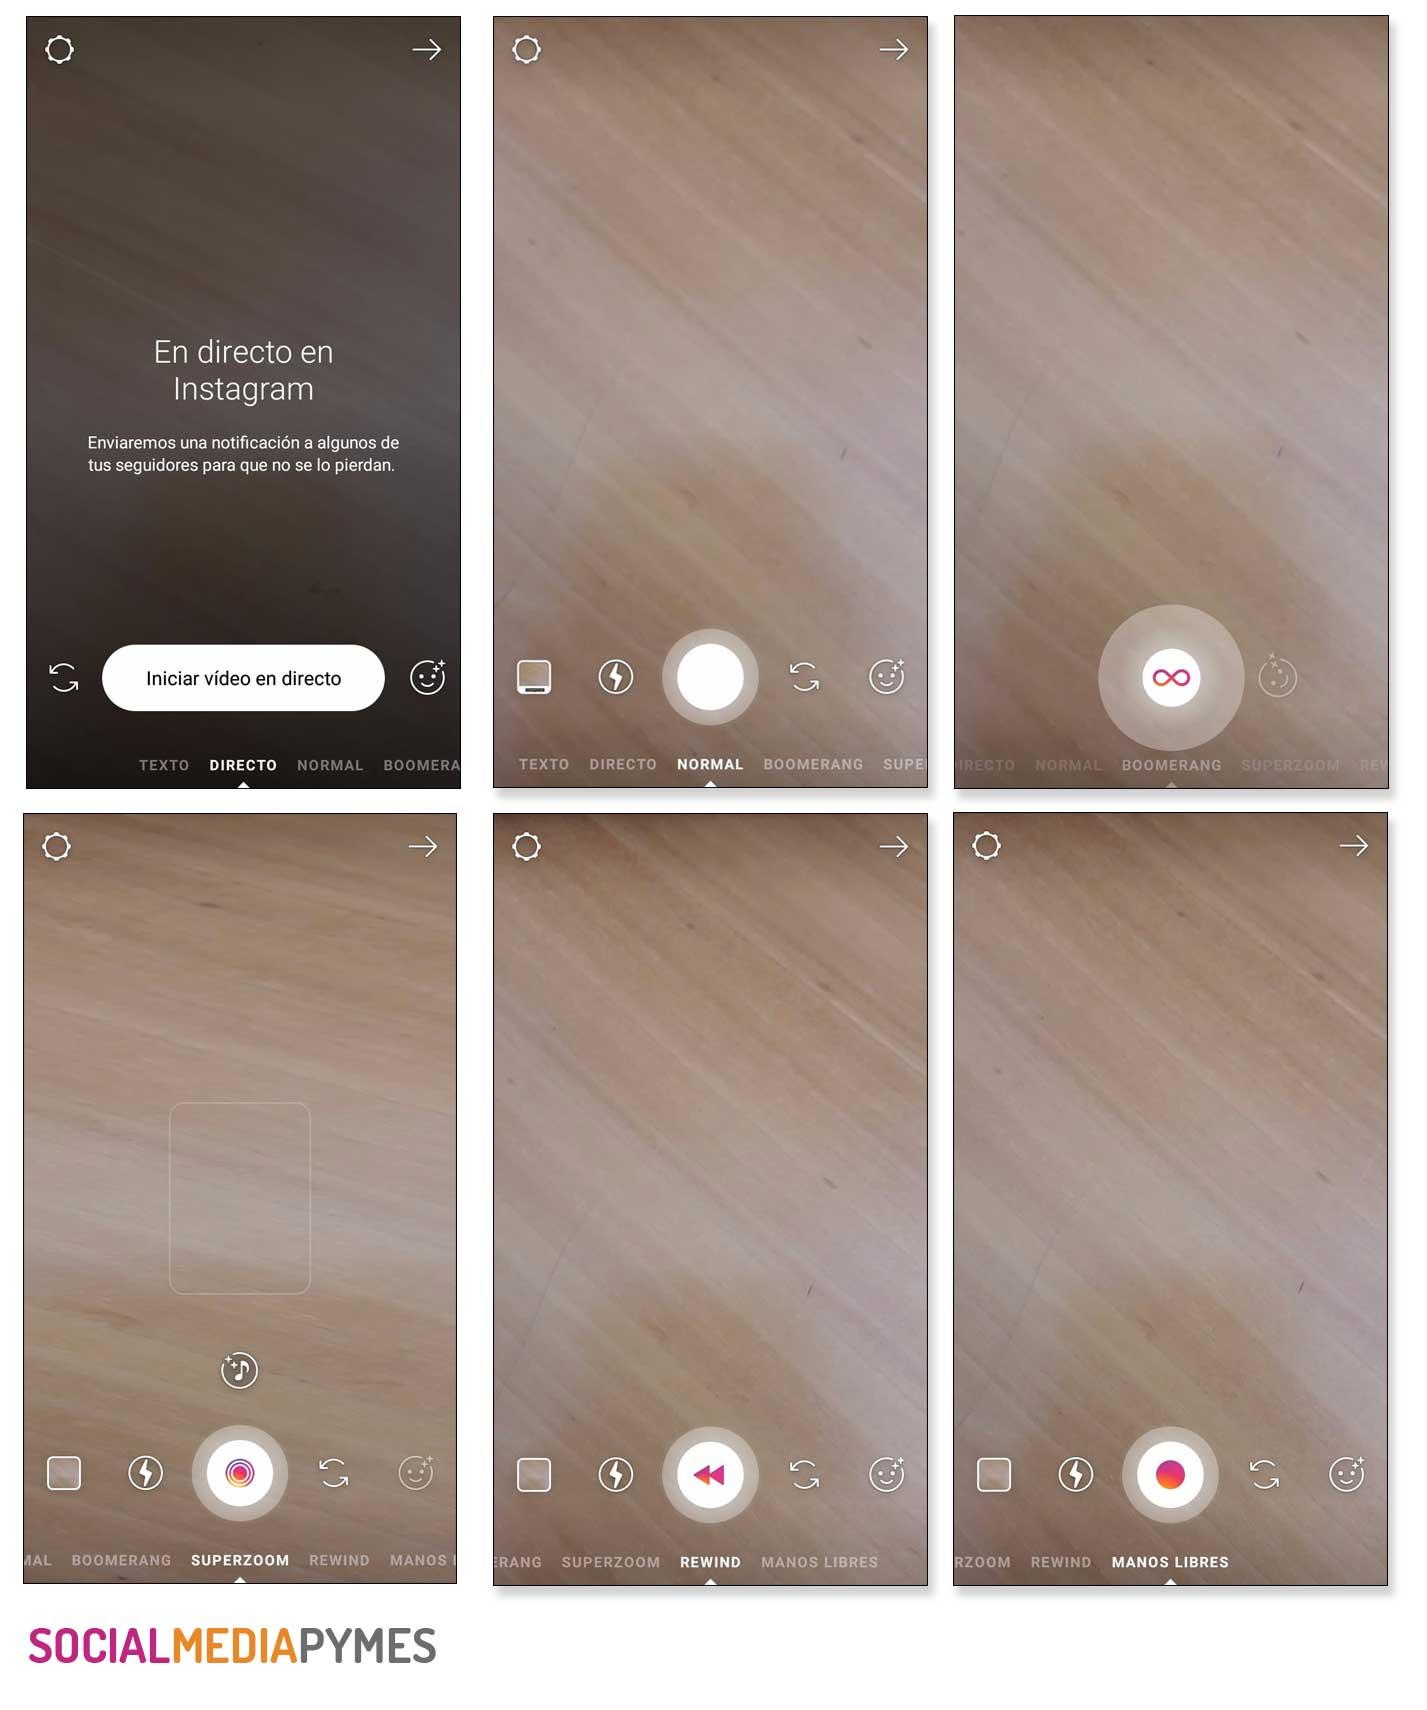 Vídeo en Instagram, qué formatos elegir